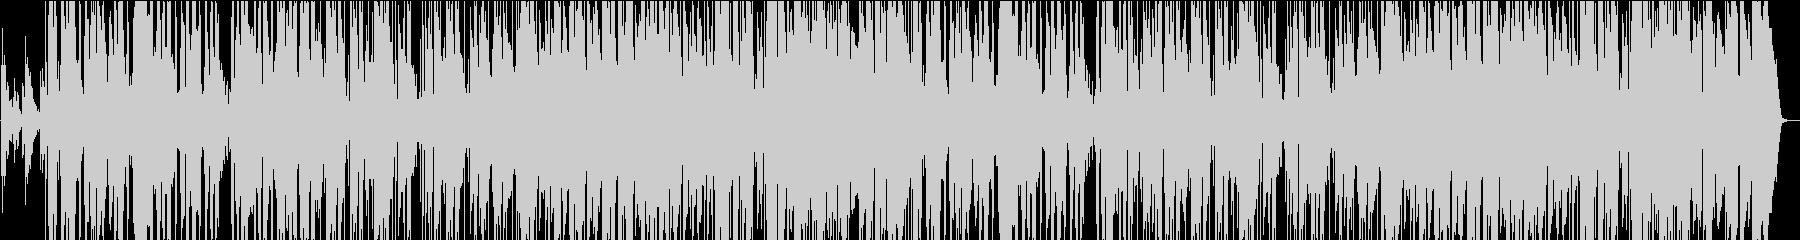 スローテンポなモダンサウンドの未再生の波形